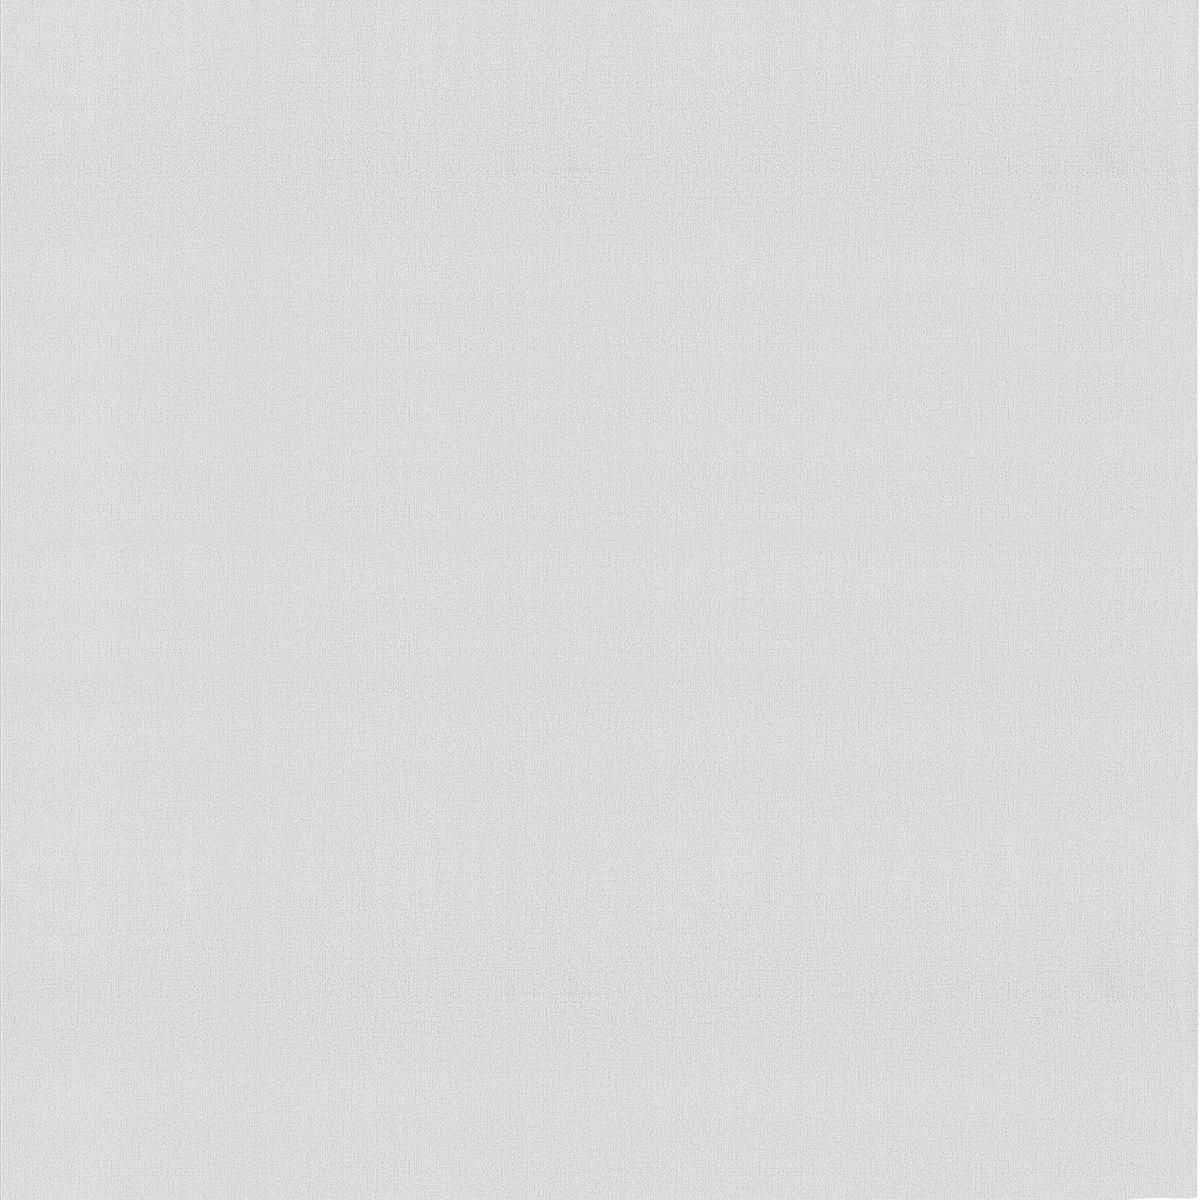 тапет Бестселър 3 релефно сиво